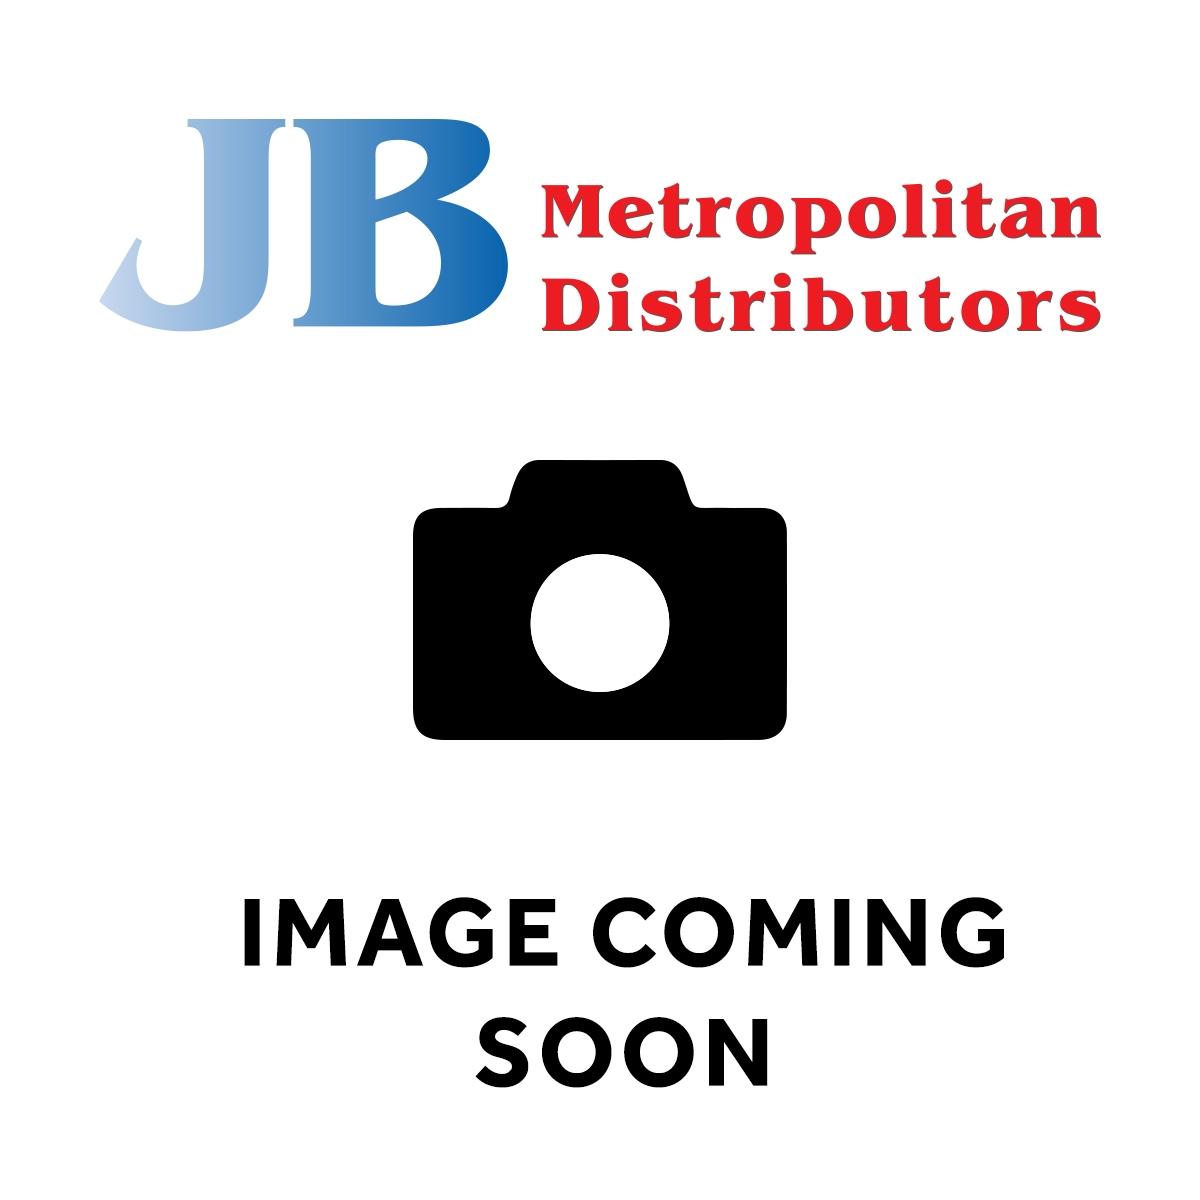 CADBURY PICNIC KINGSIZE 67G (24)